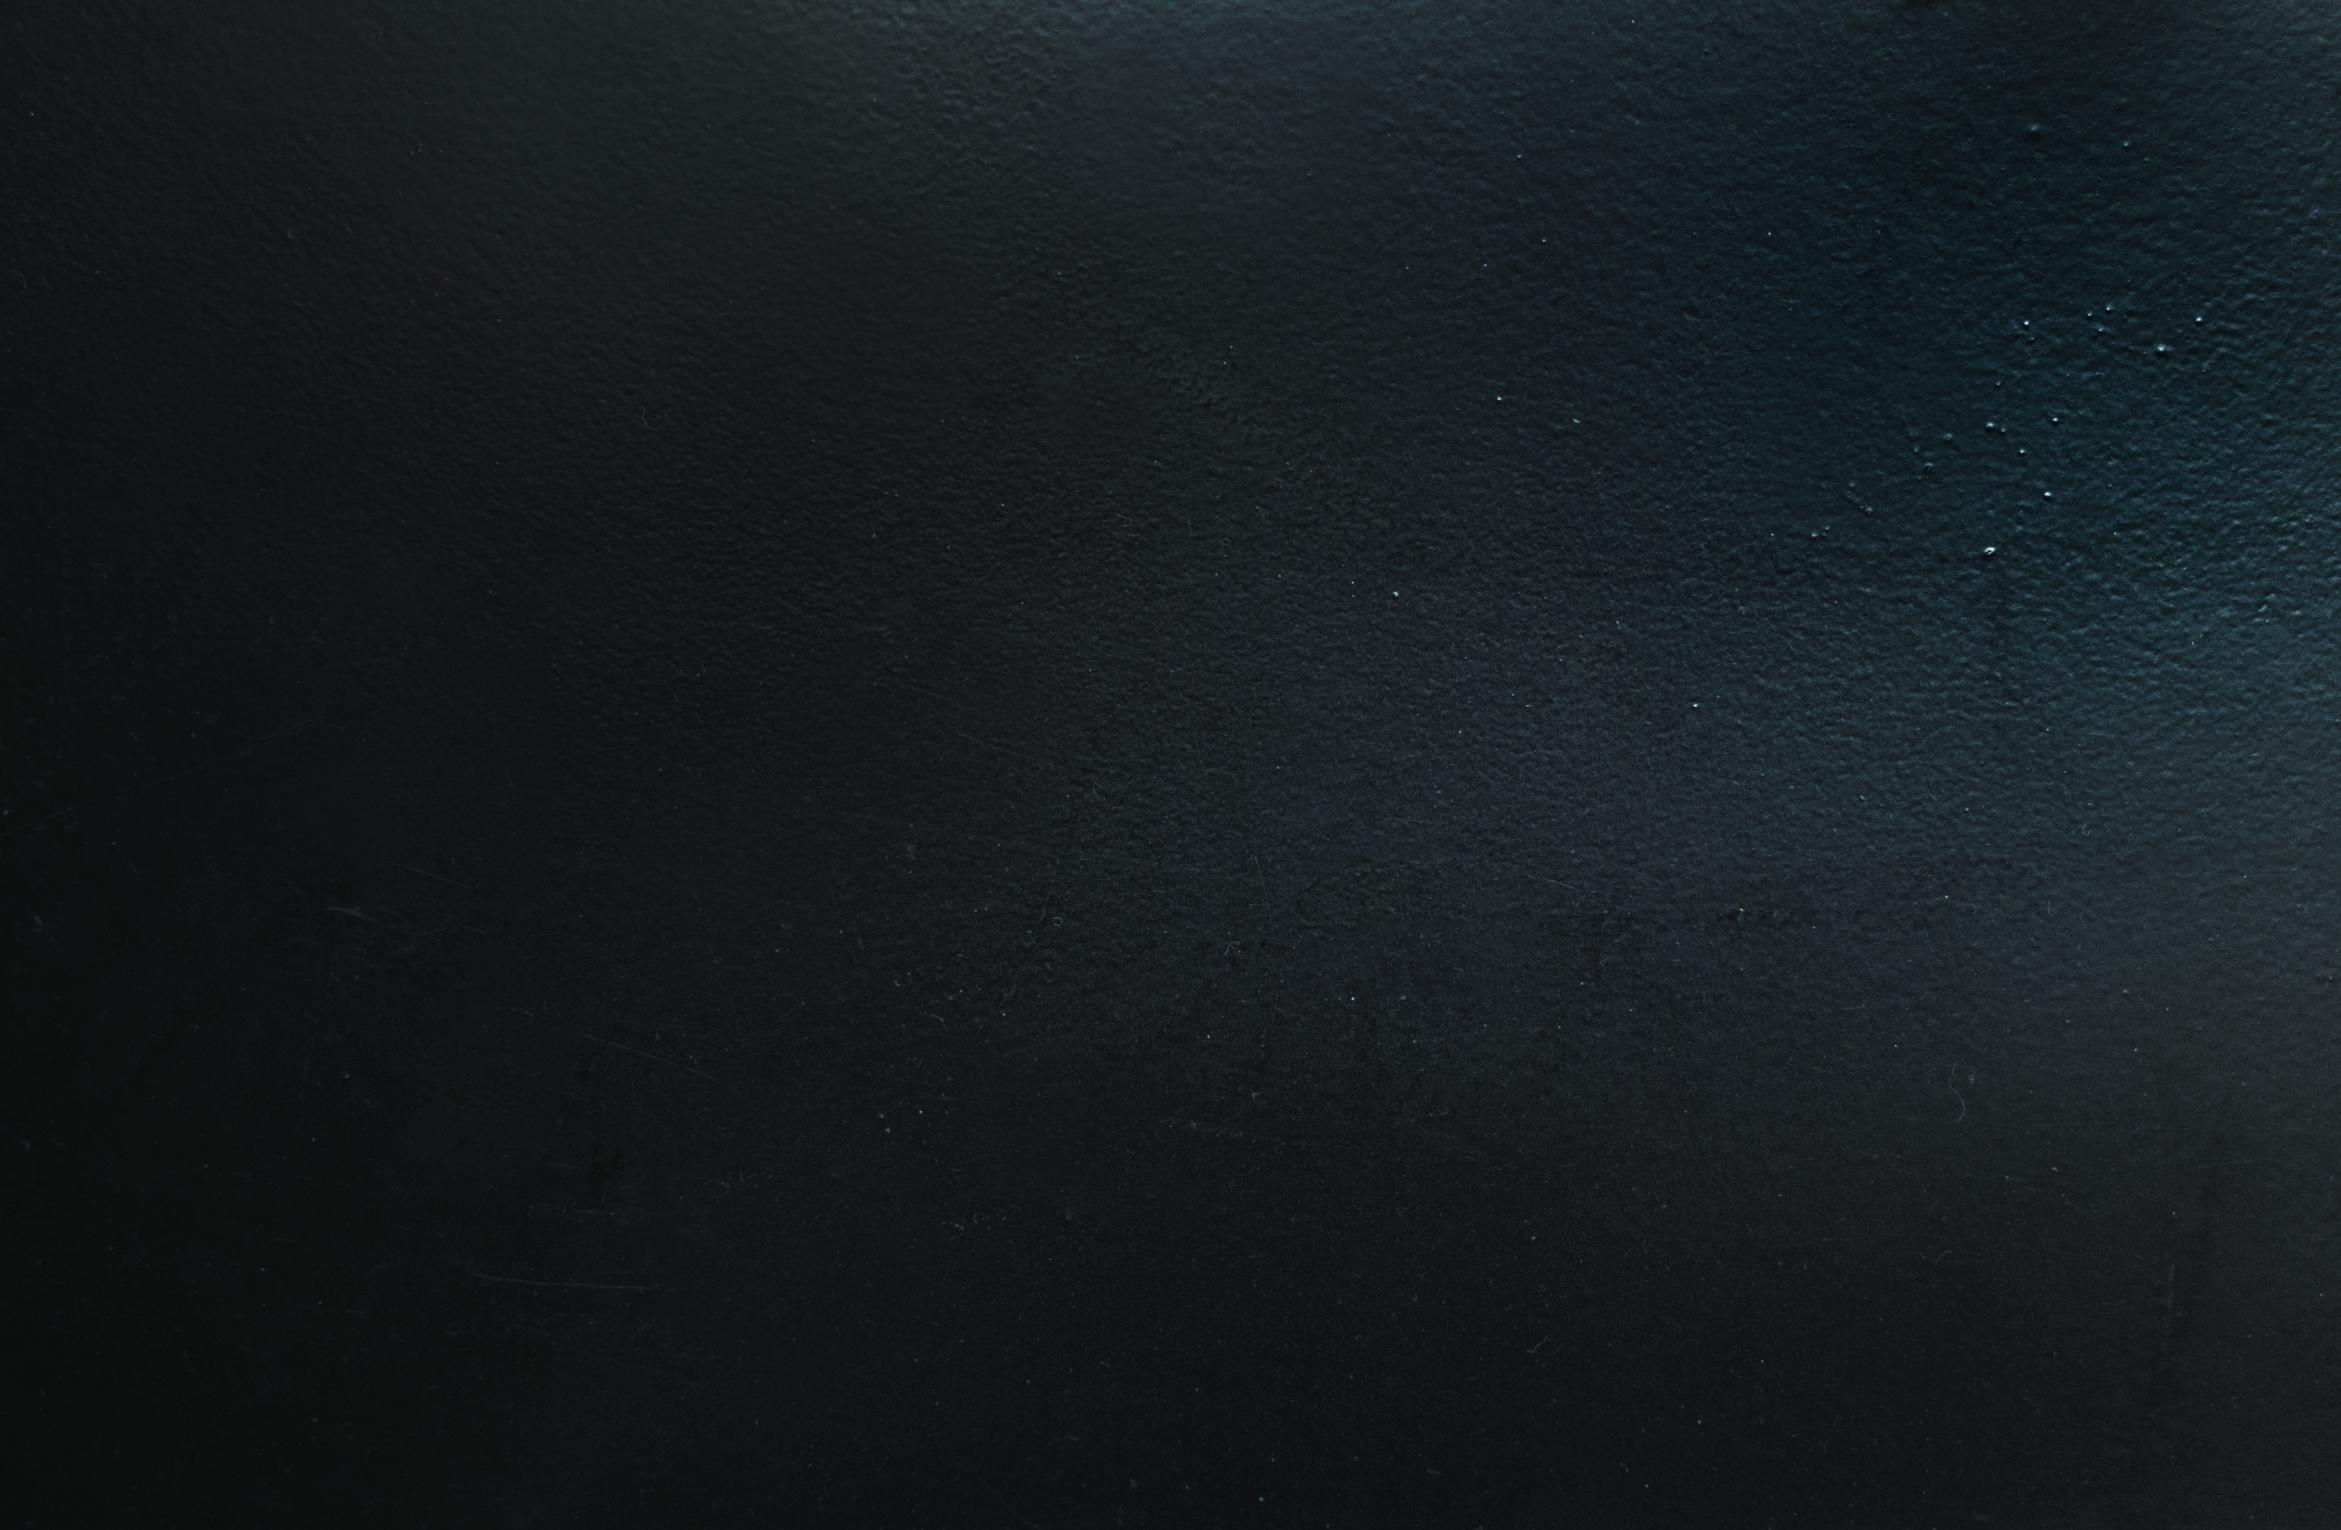 DSC_5737-ChalkboardCMYK.jpg